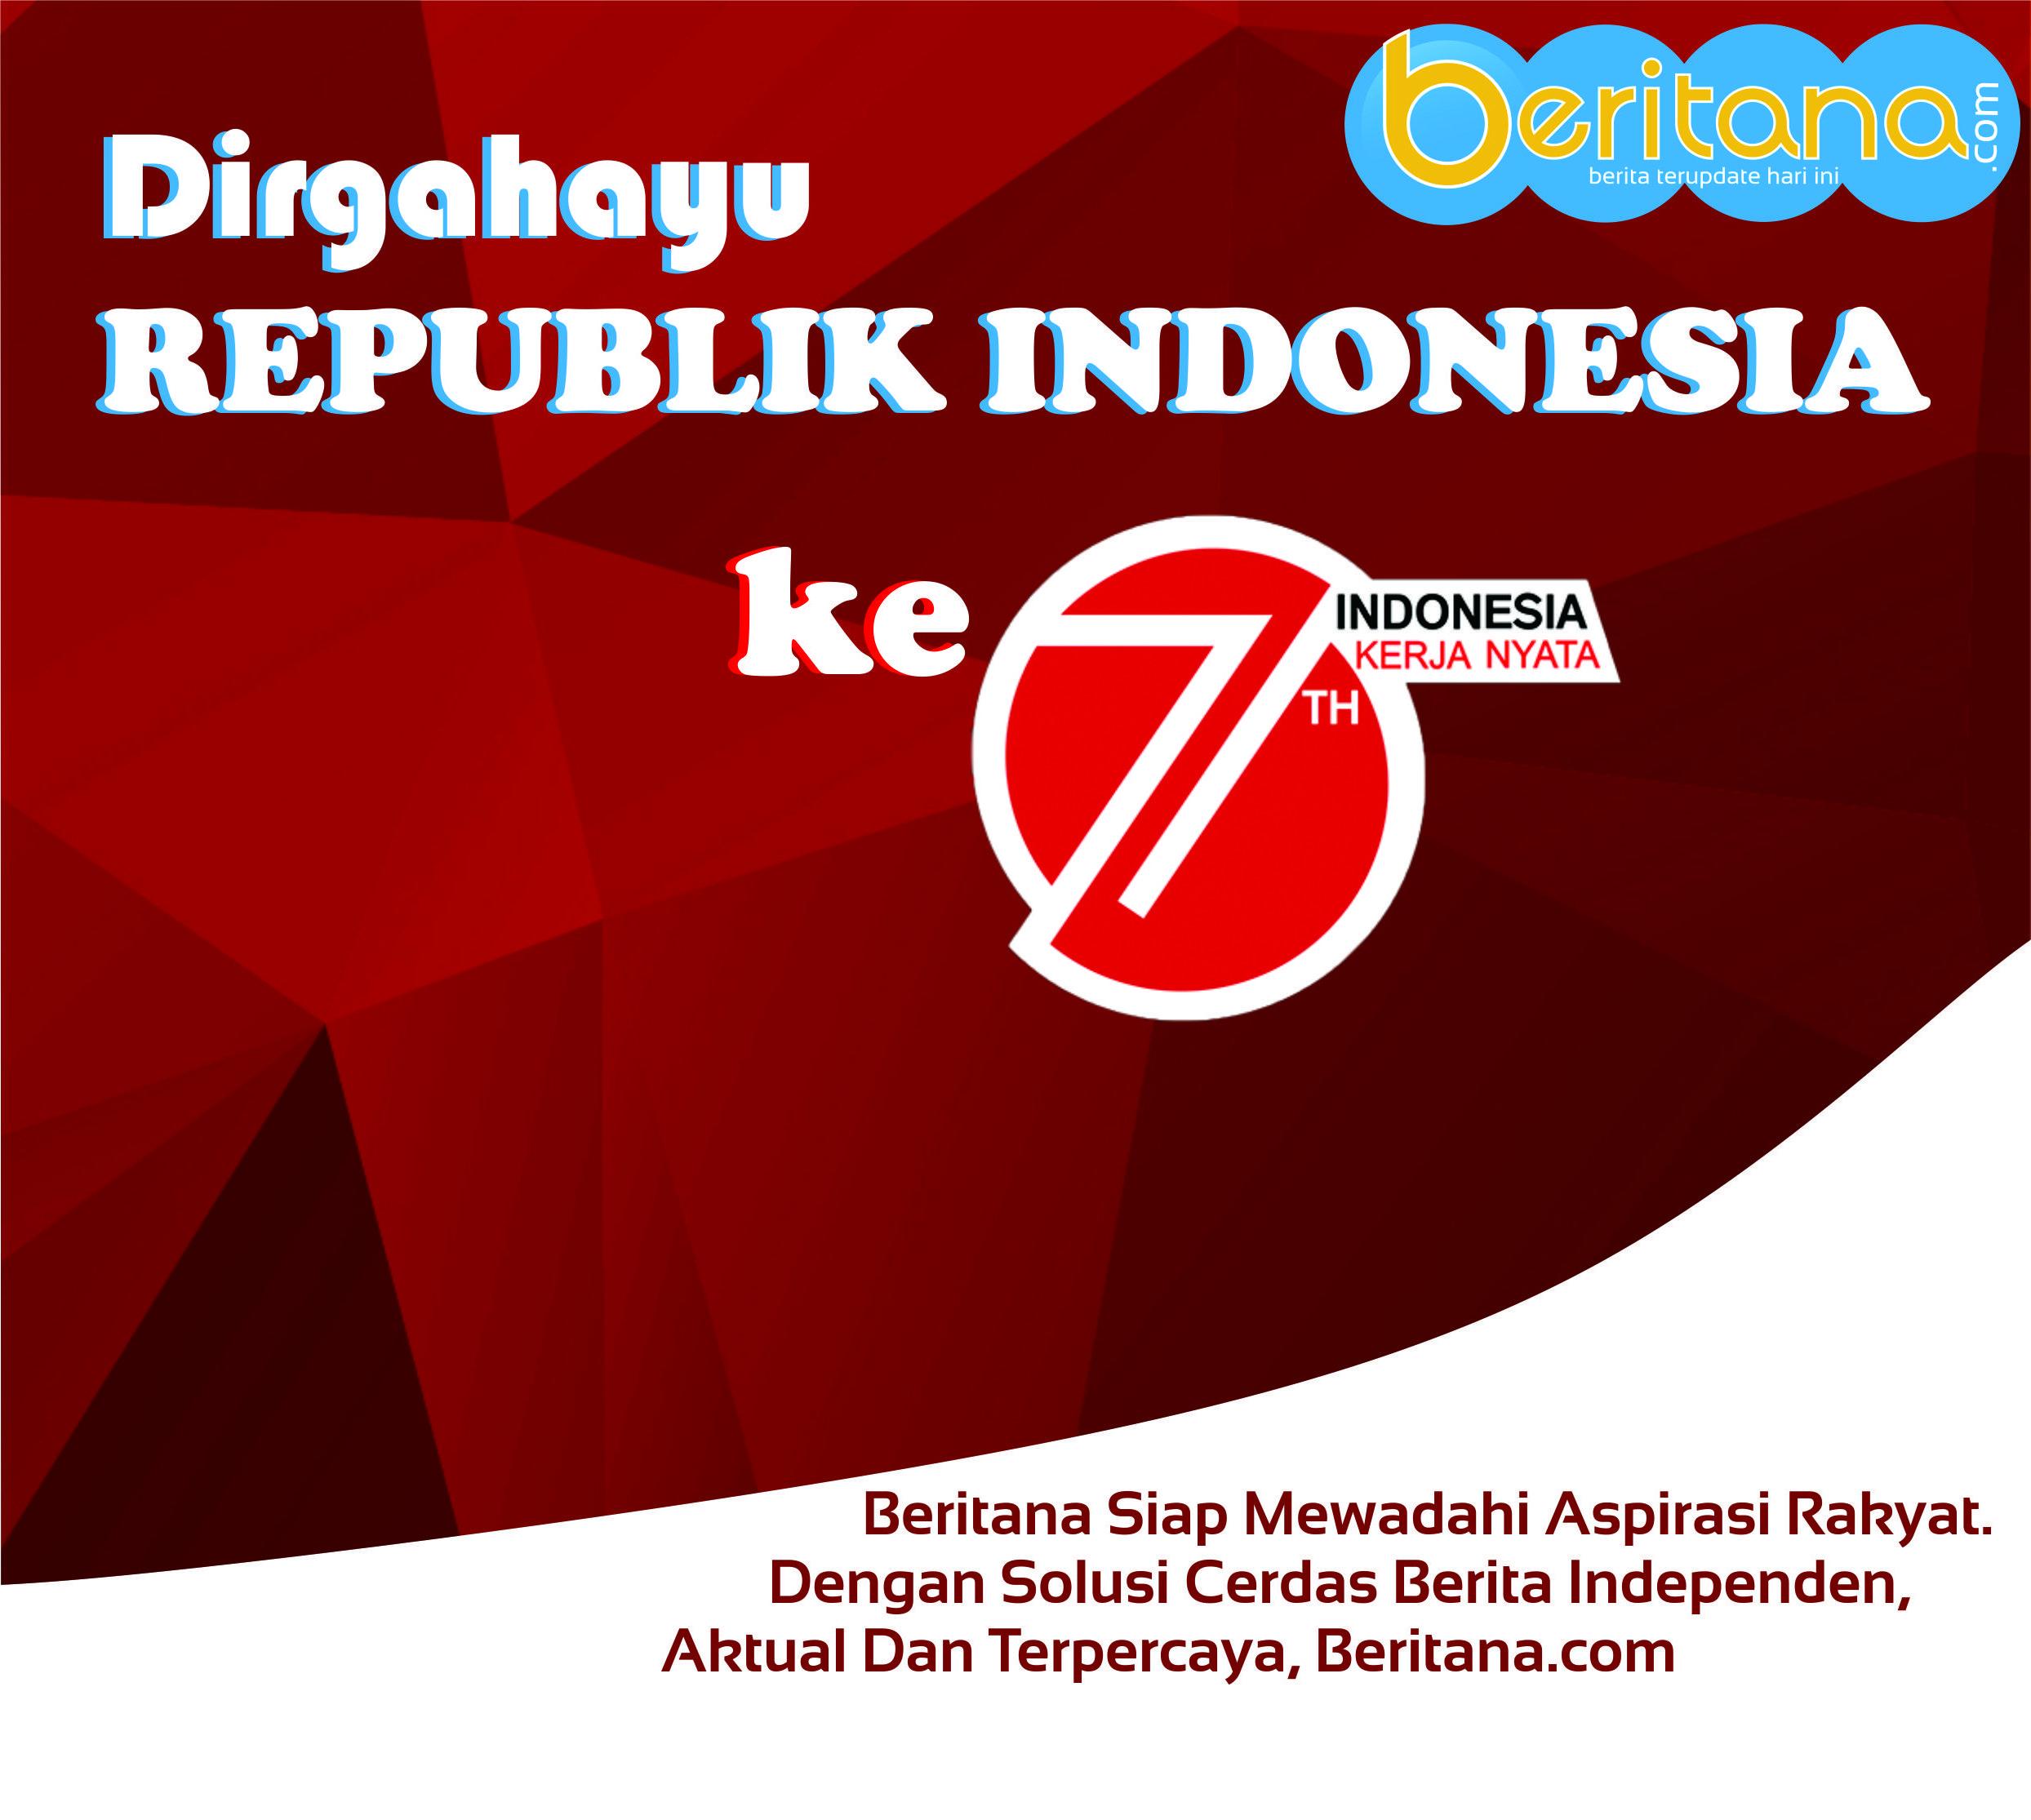 Beritana.com Mengucapkan Dirgahayu Republik Indonesia ke 71